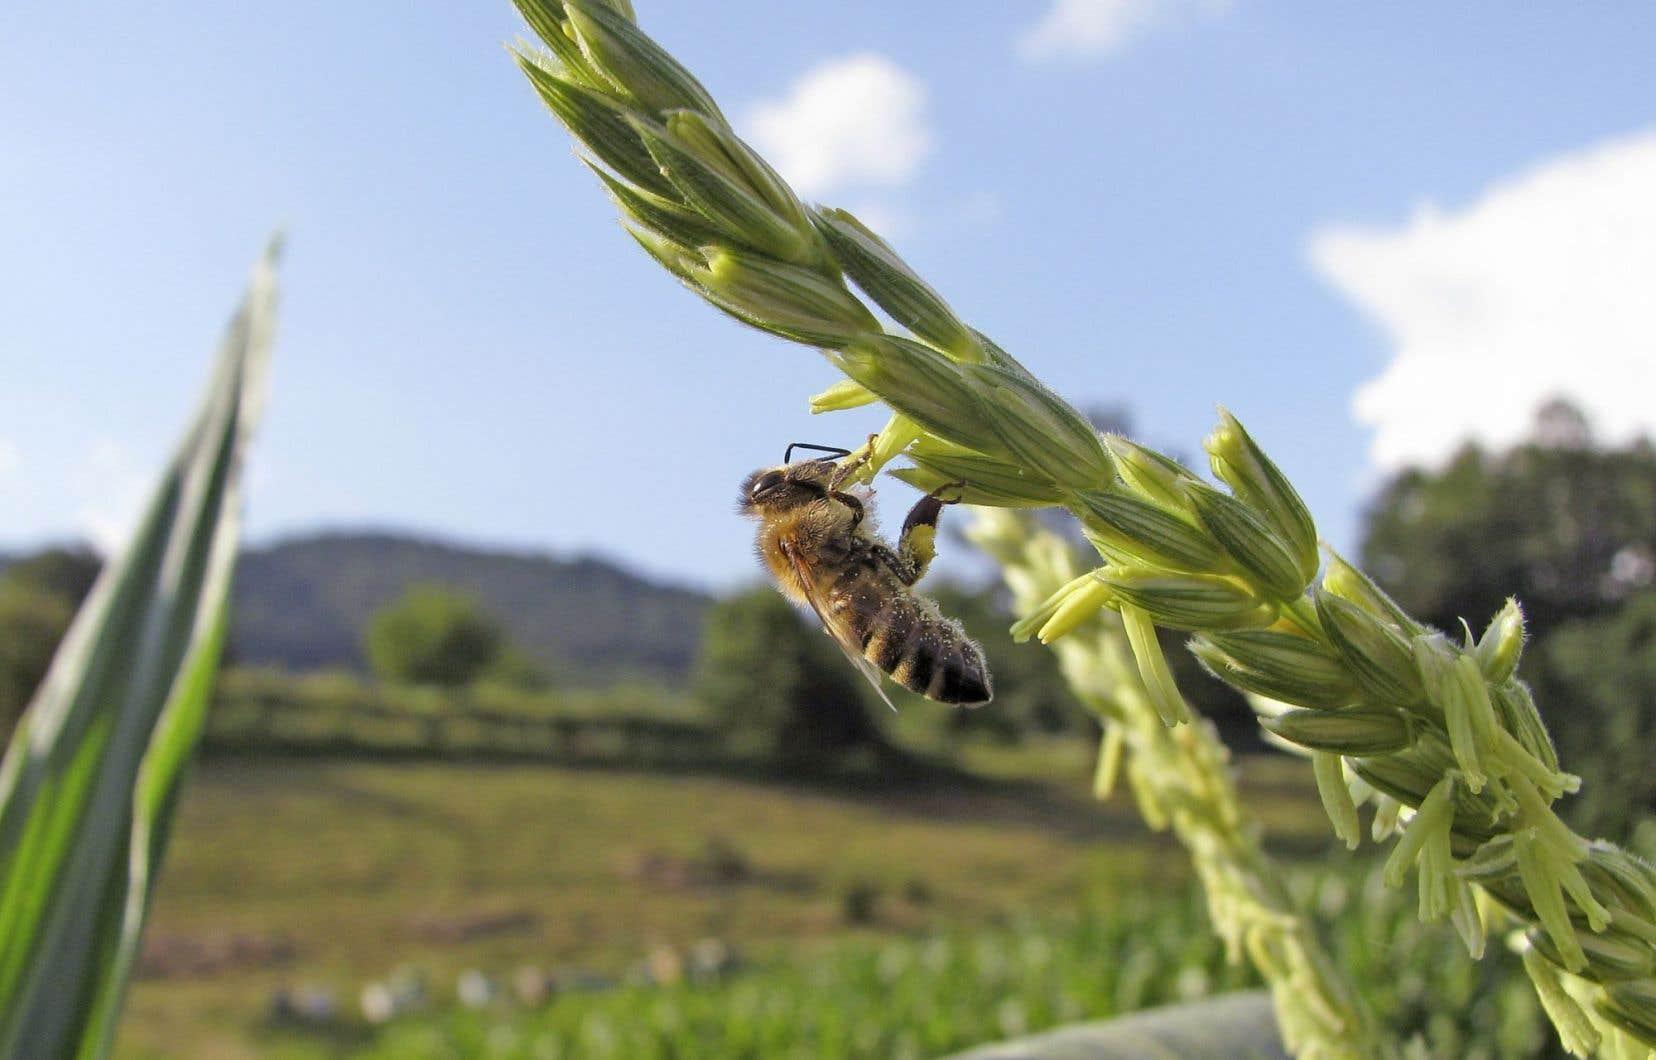 Ces pesticides menaceraient non seulement les abeilles, les papillons et autres pollinisateurs, mais aussi « la diversité et la stabilité de l'écosystème ».